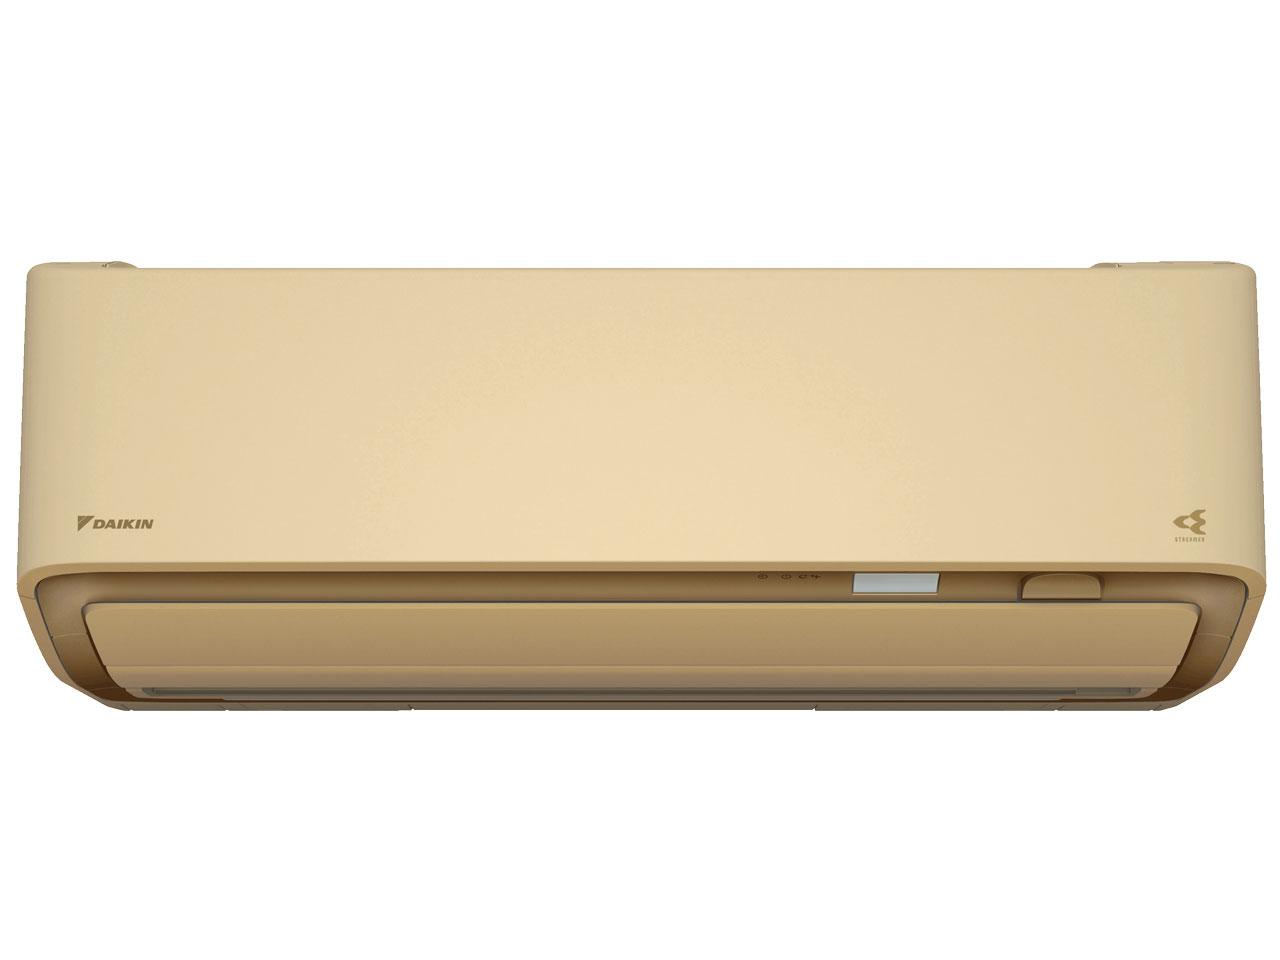 ダイキン 19年モデル うるさら7 RXシリーズ S25WTRXS-C 【100V用】8畳用冷暖房除湿エアコン